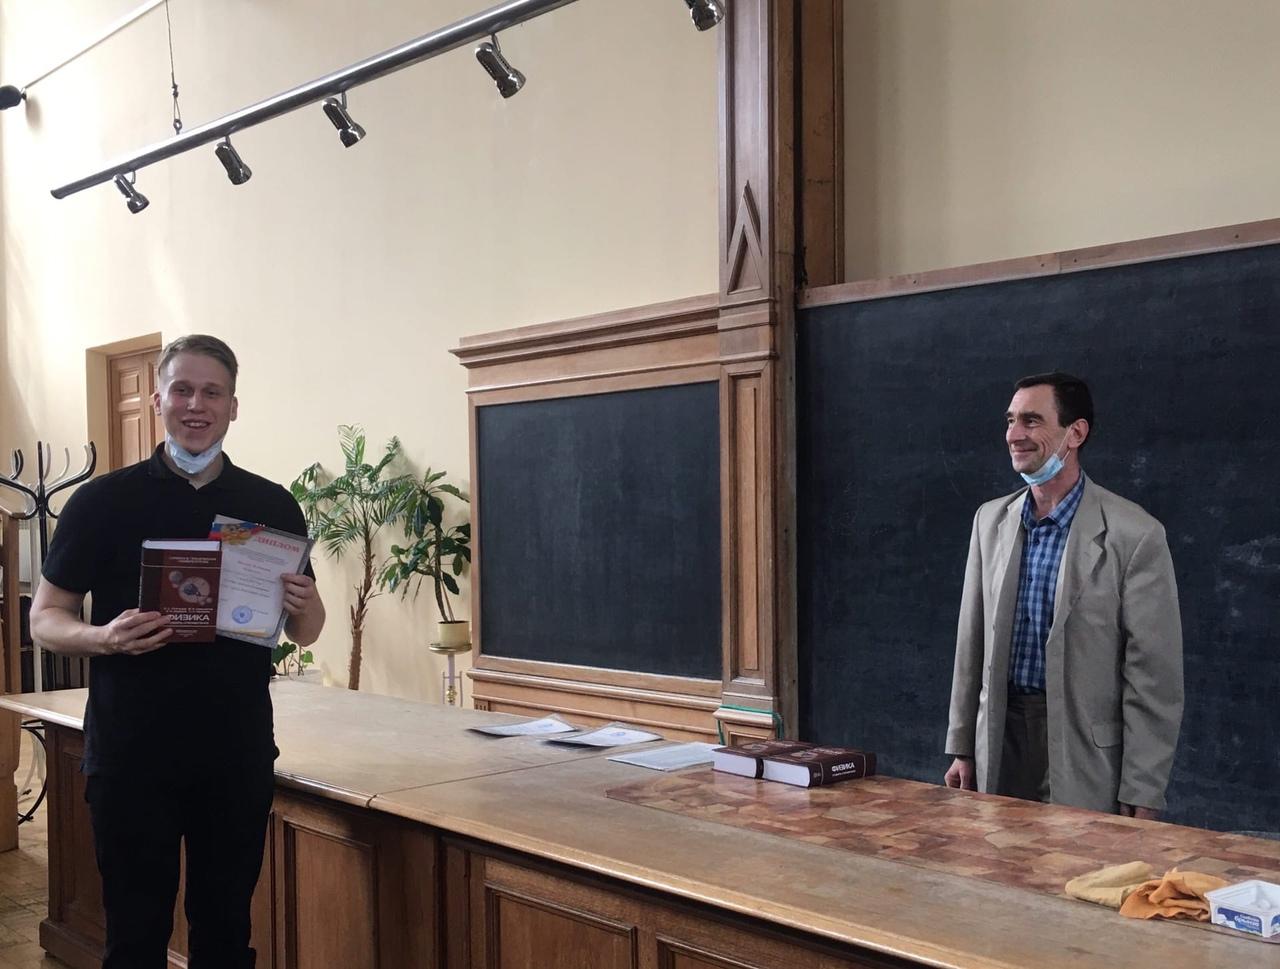 Гольдберг Артемий Александрович. VI-я Политехническая Олимпиада по физике, второе место